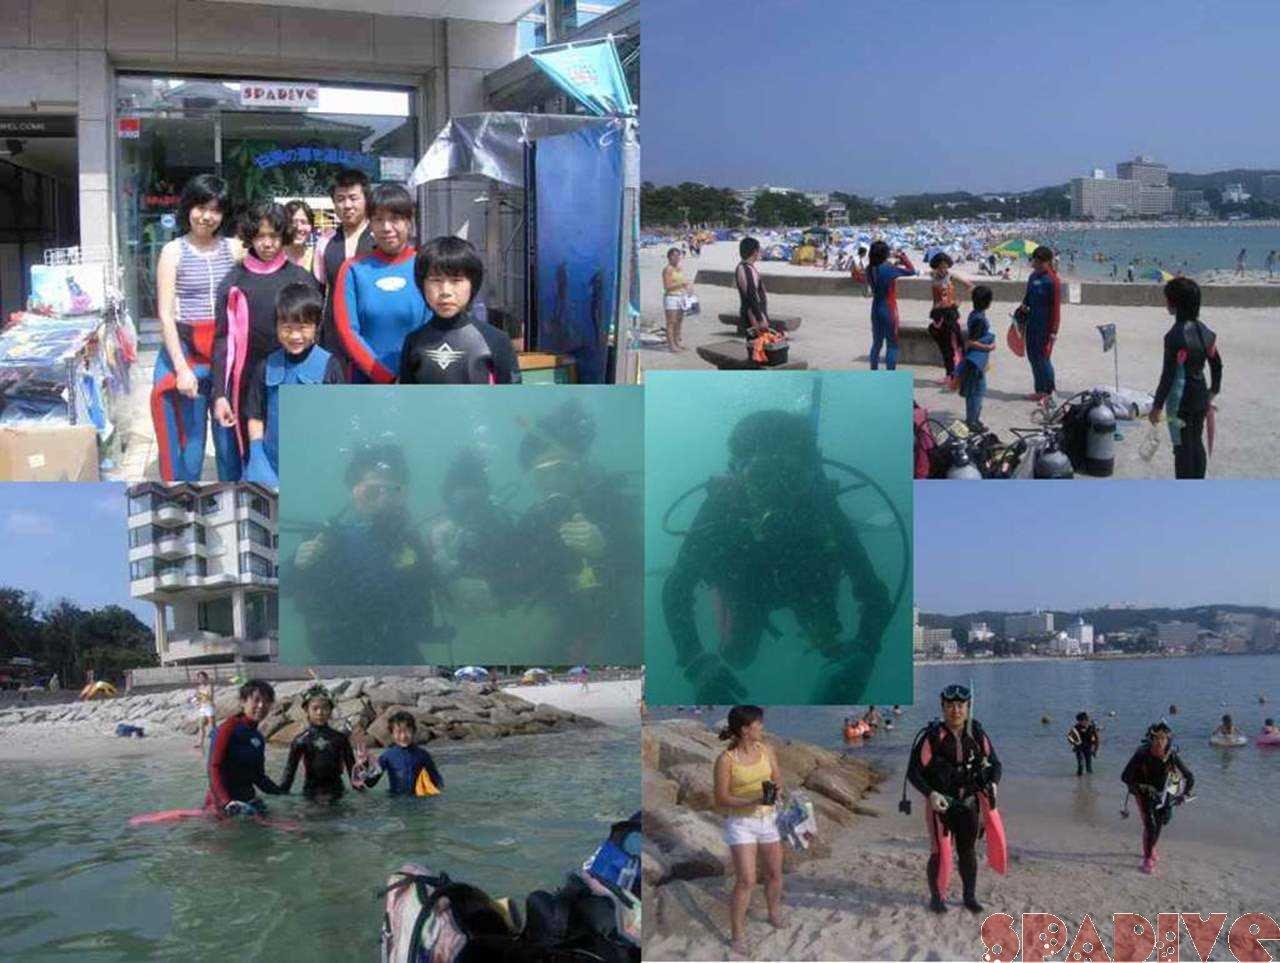 OWDライセンス講習&体験ダイビング|8/3/2006白浜